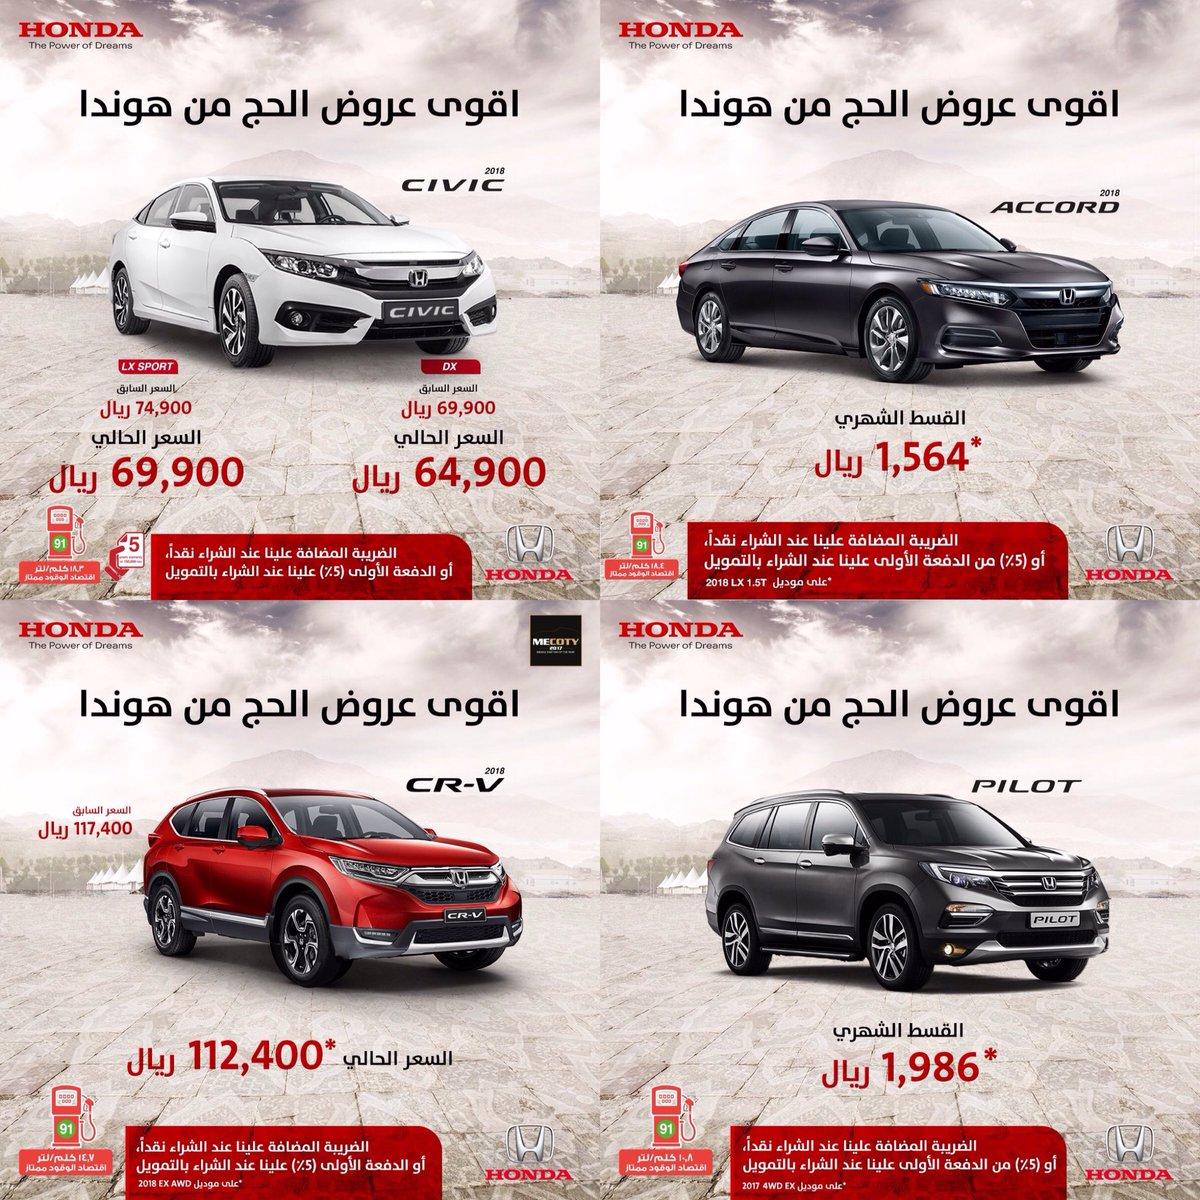 صورة سيارات 2019 في السعودية , احدث الماركات للسيارات في السعودية